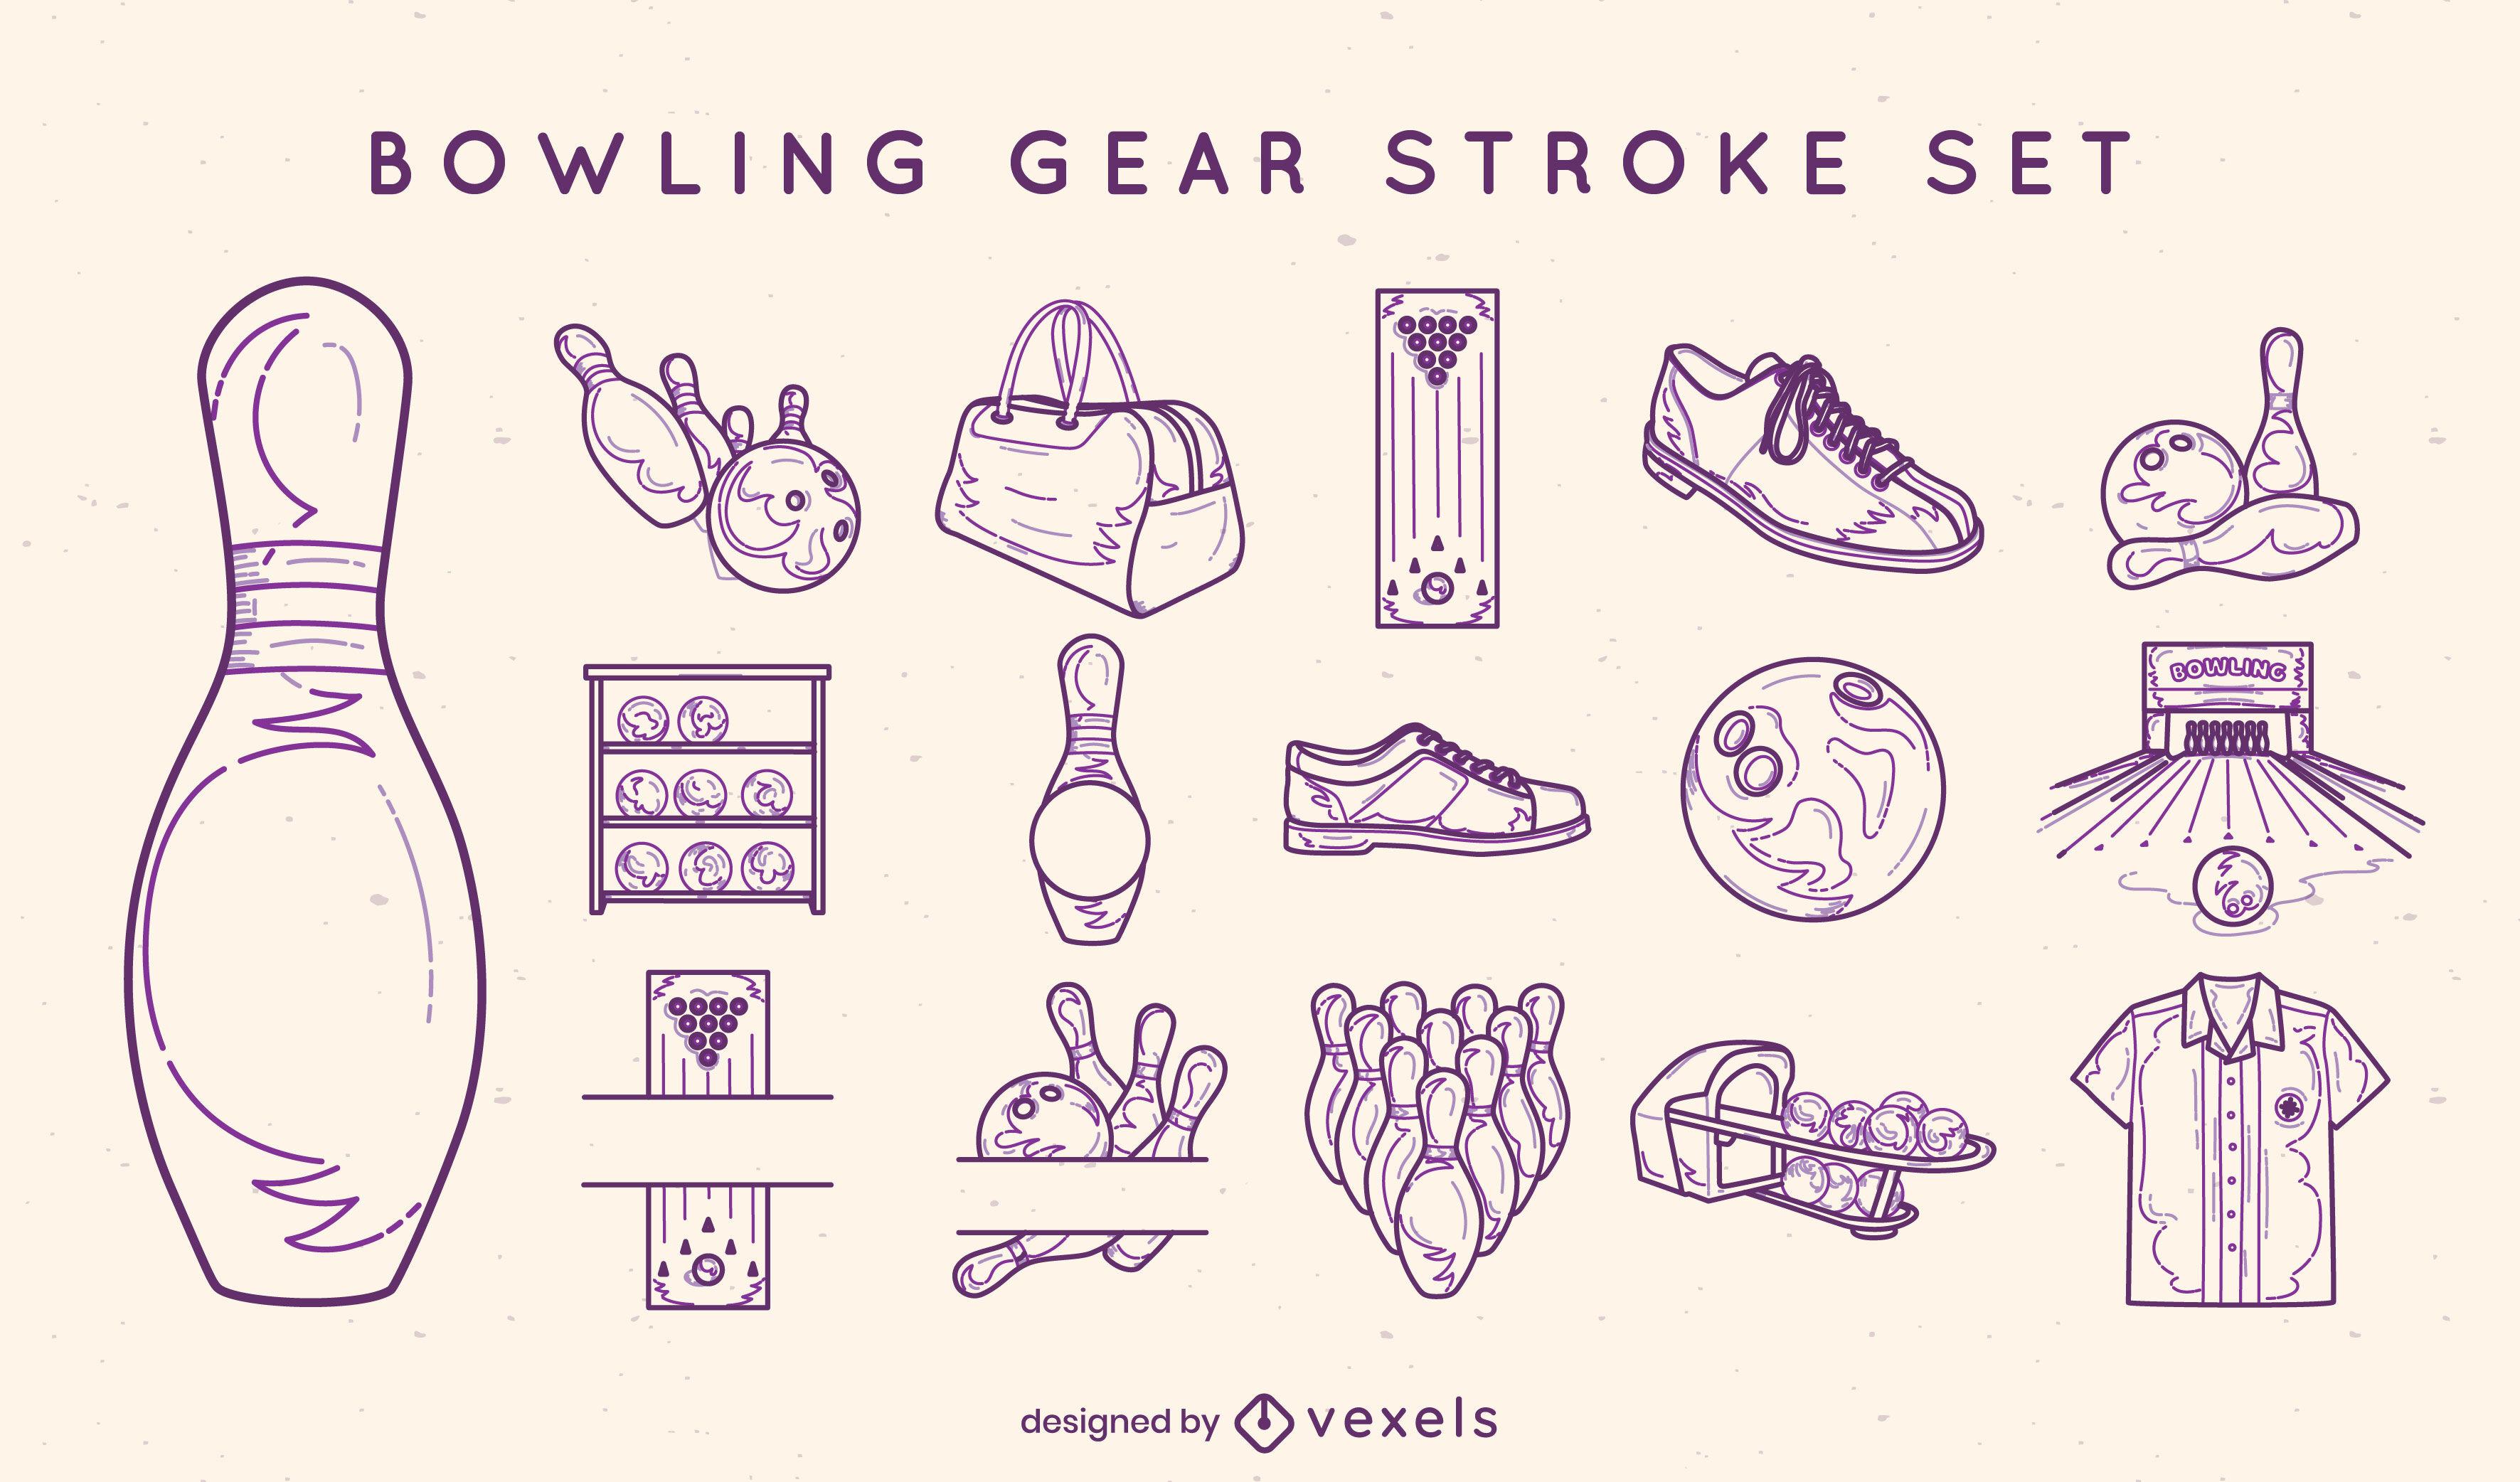 Bowling gear stroke elements set